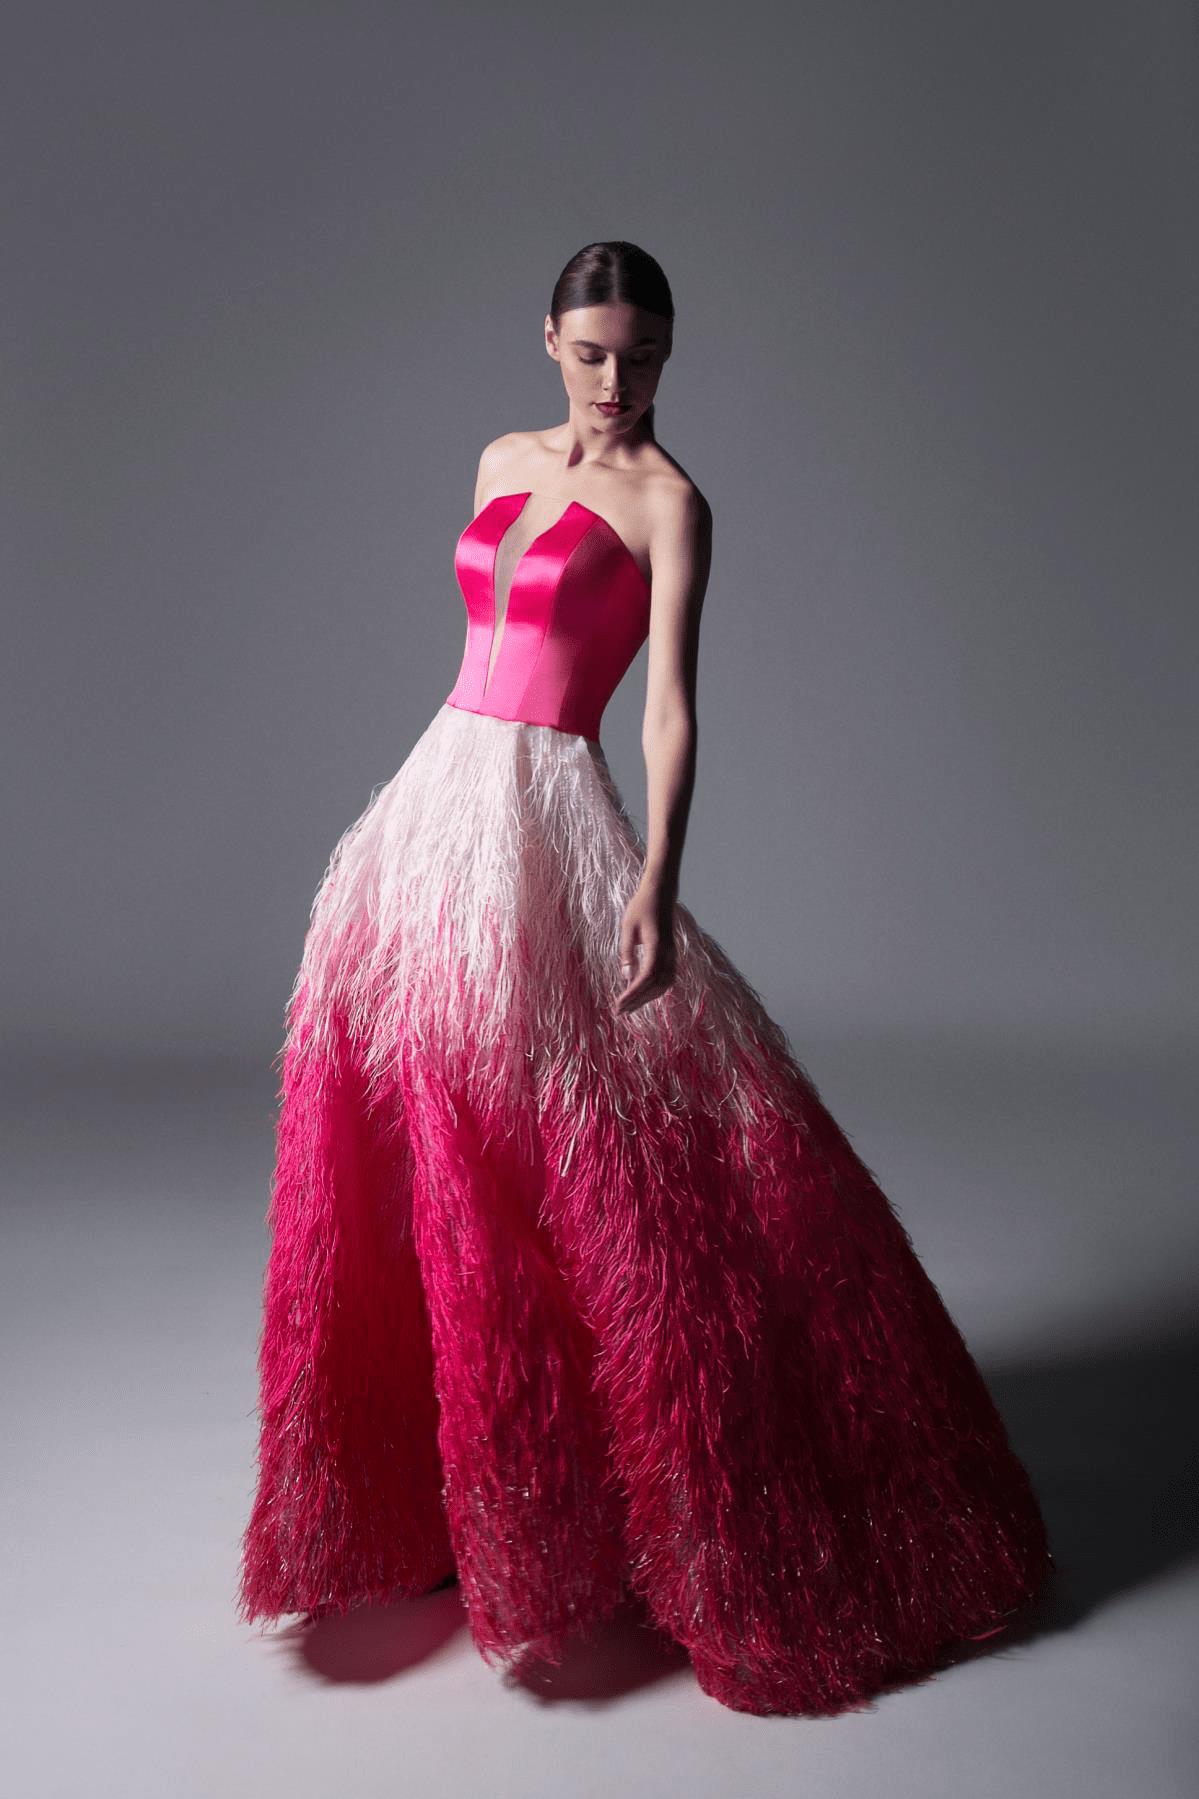 Edward Arsouni Couture - 340 Fringe Feathered Ballgown In Fuchsia